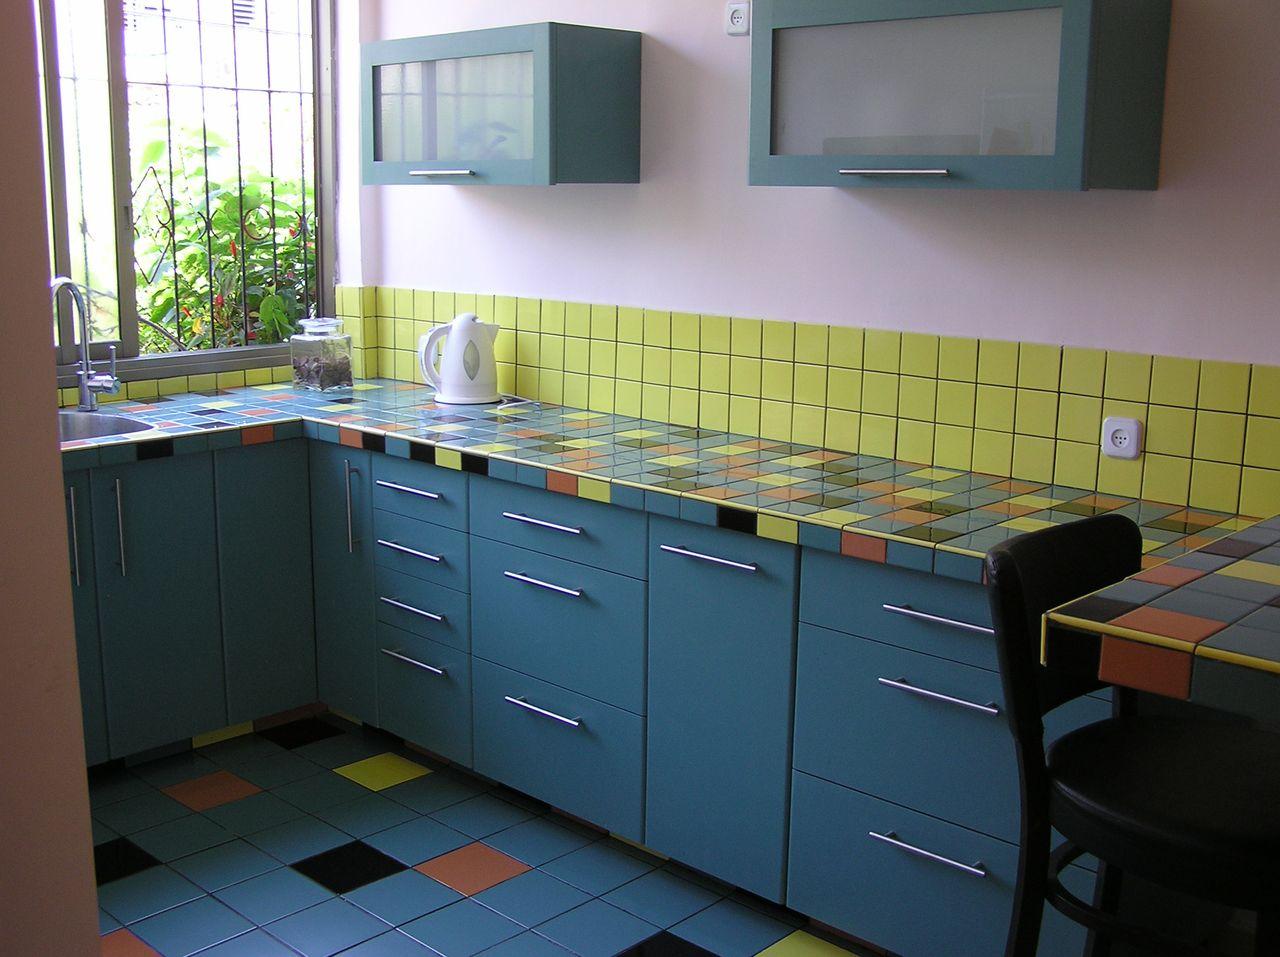 אריחי קרמיקה צבעוניים לחיפוי משטחים